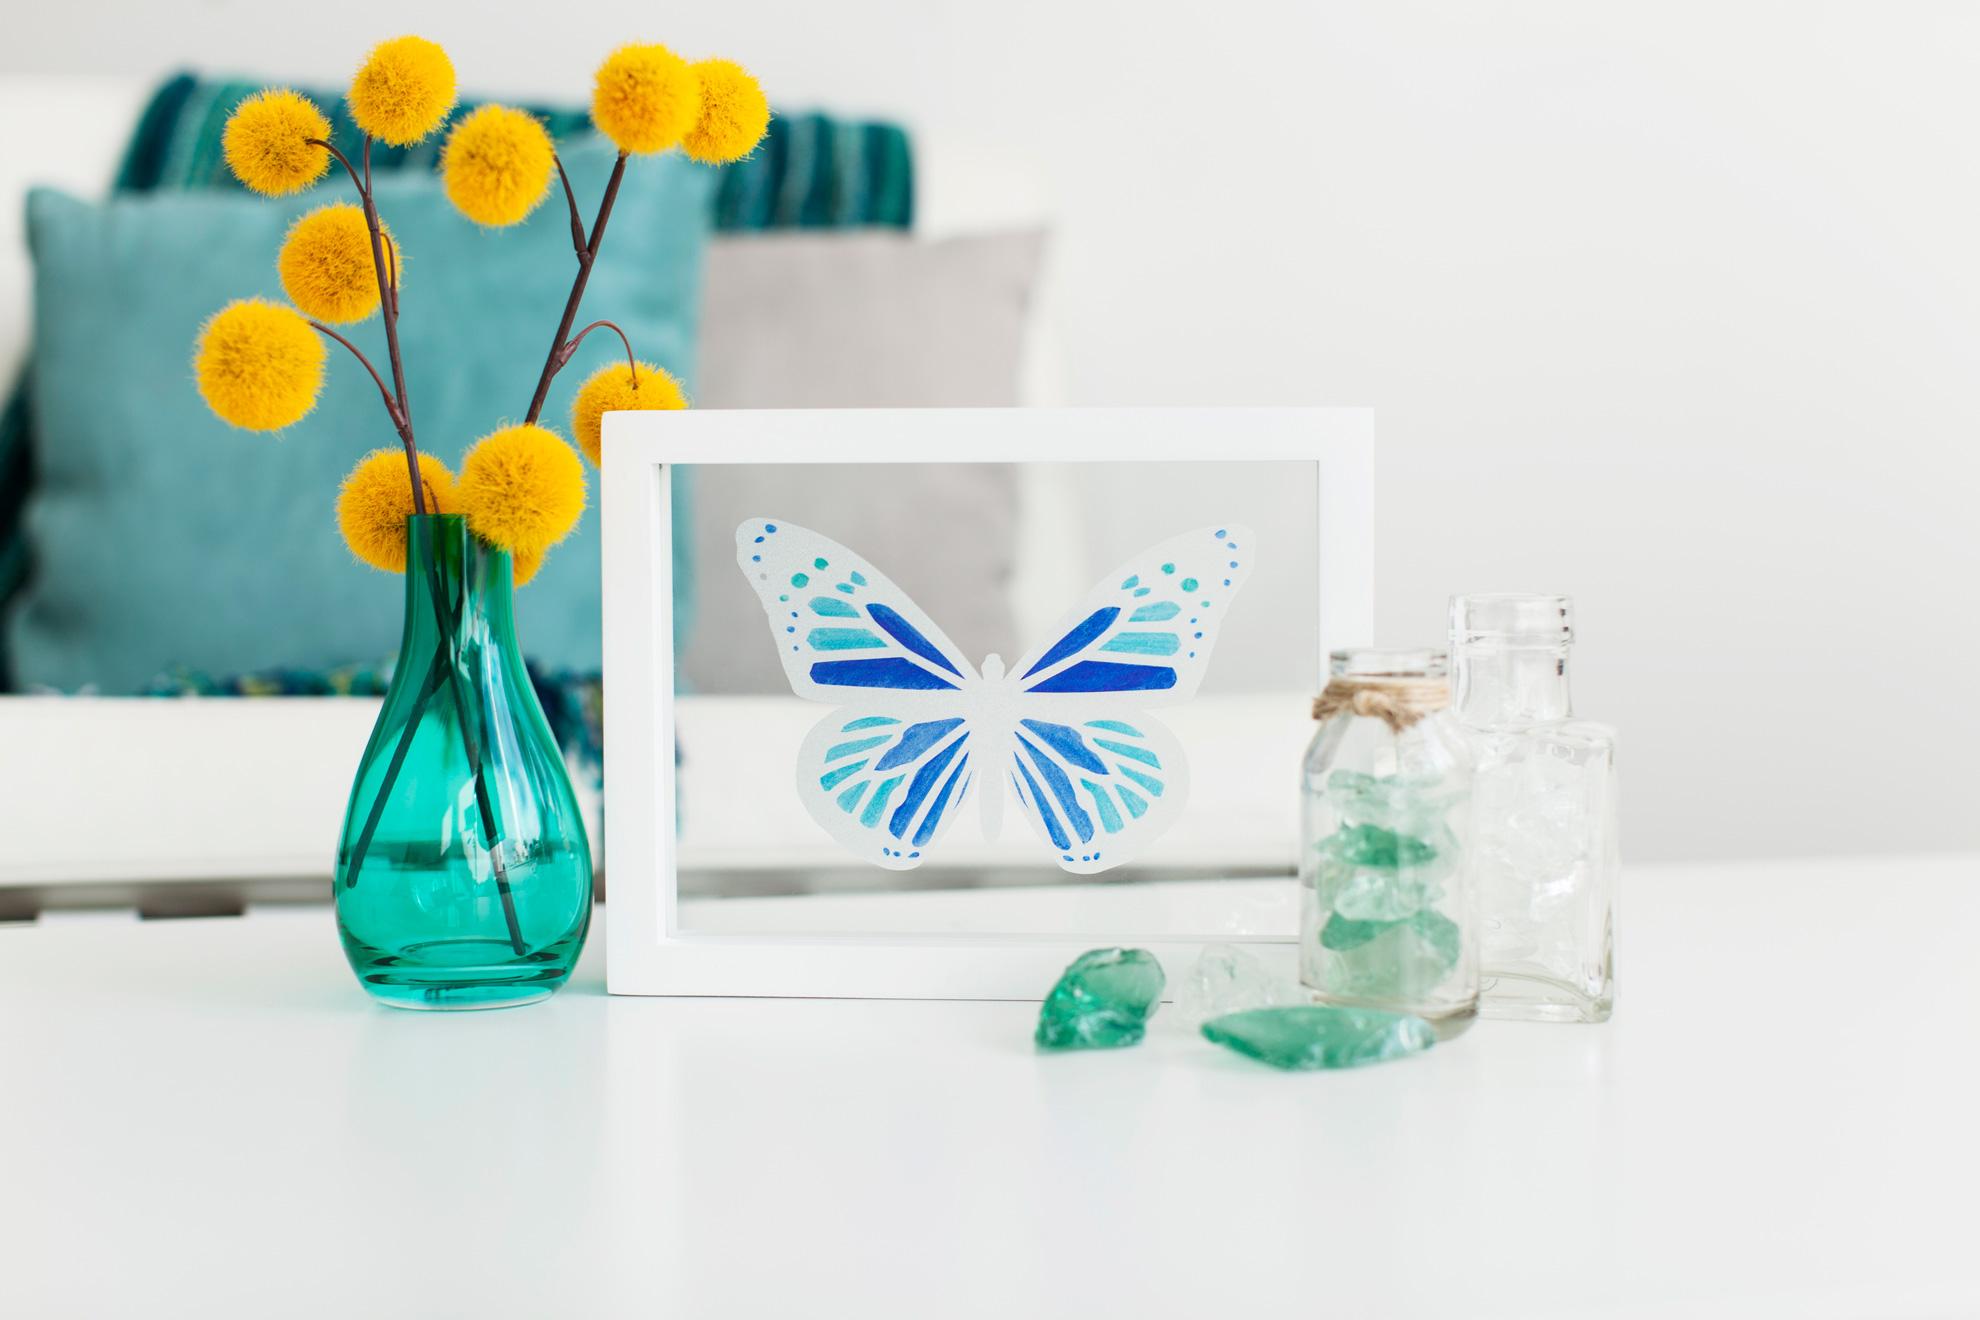 butterfly design inside white frame on table